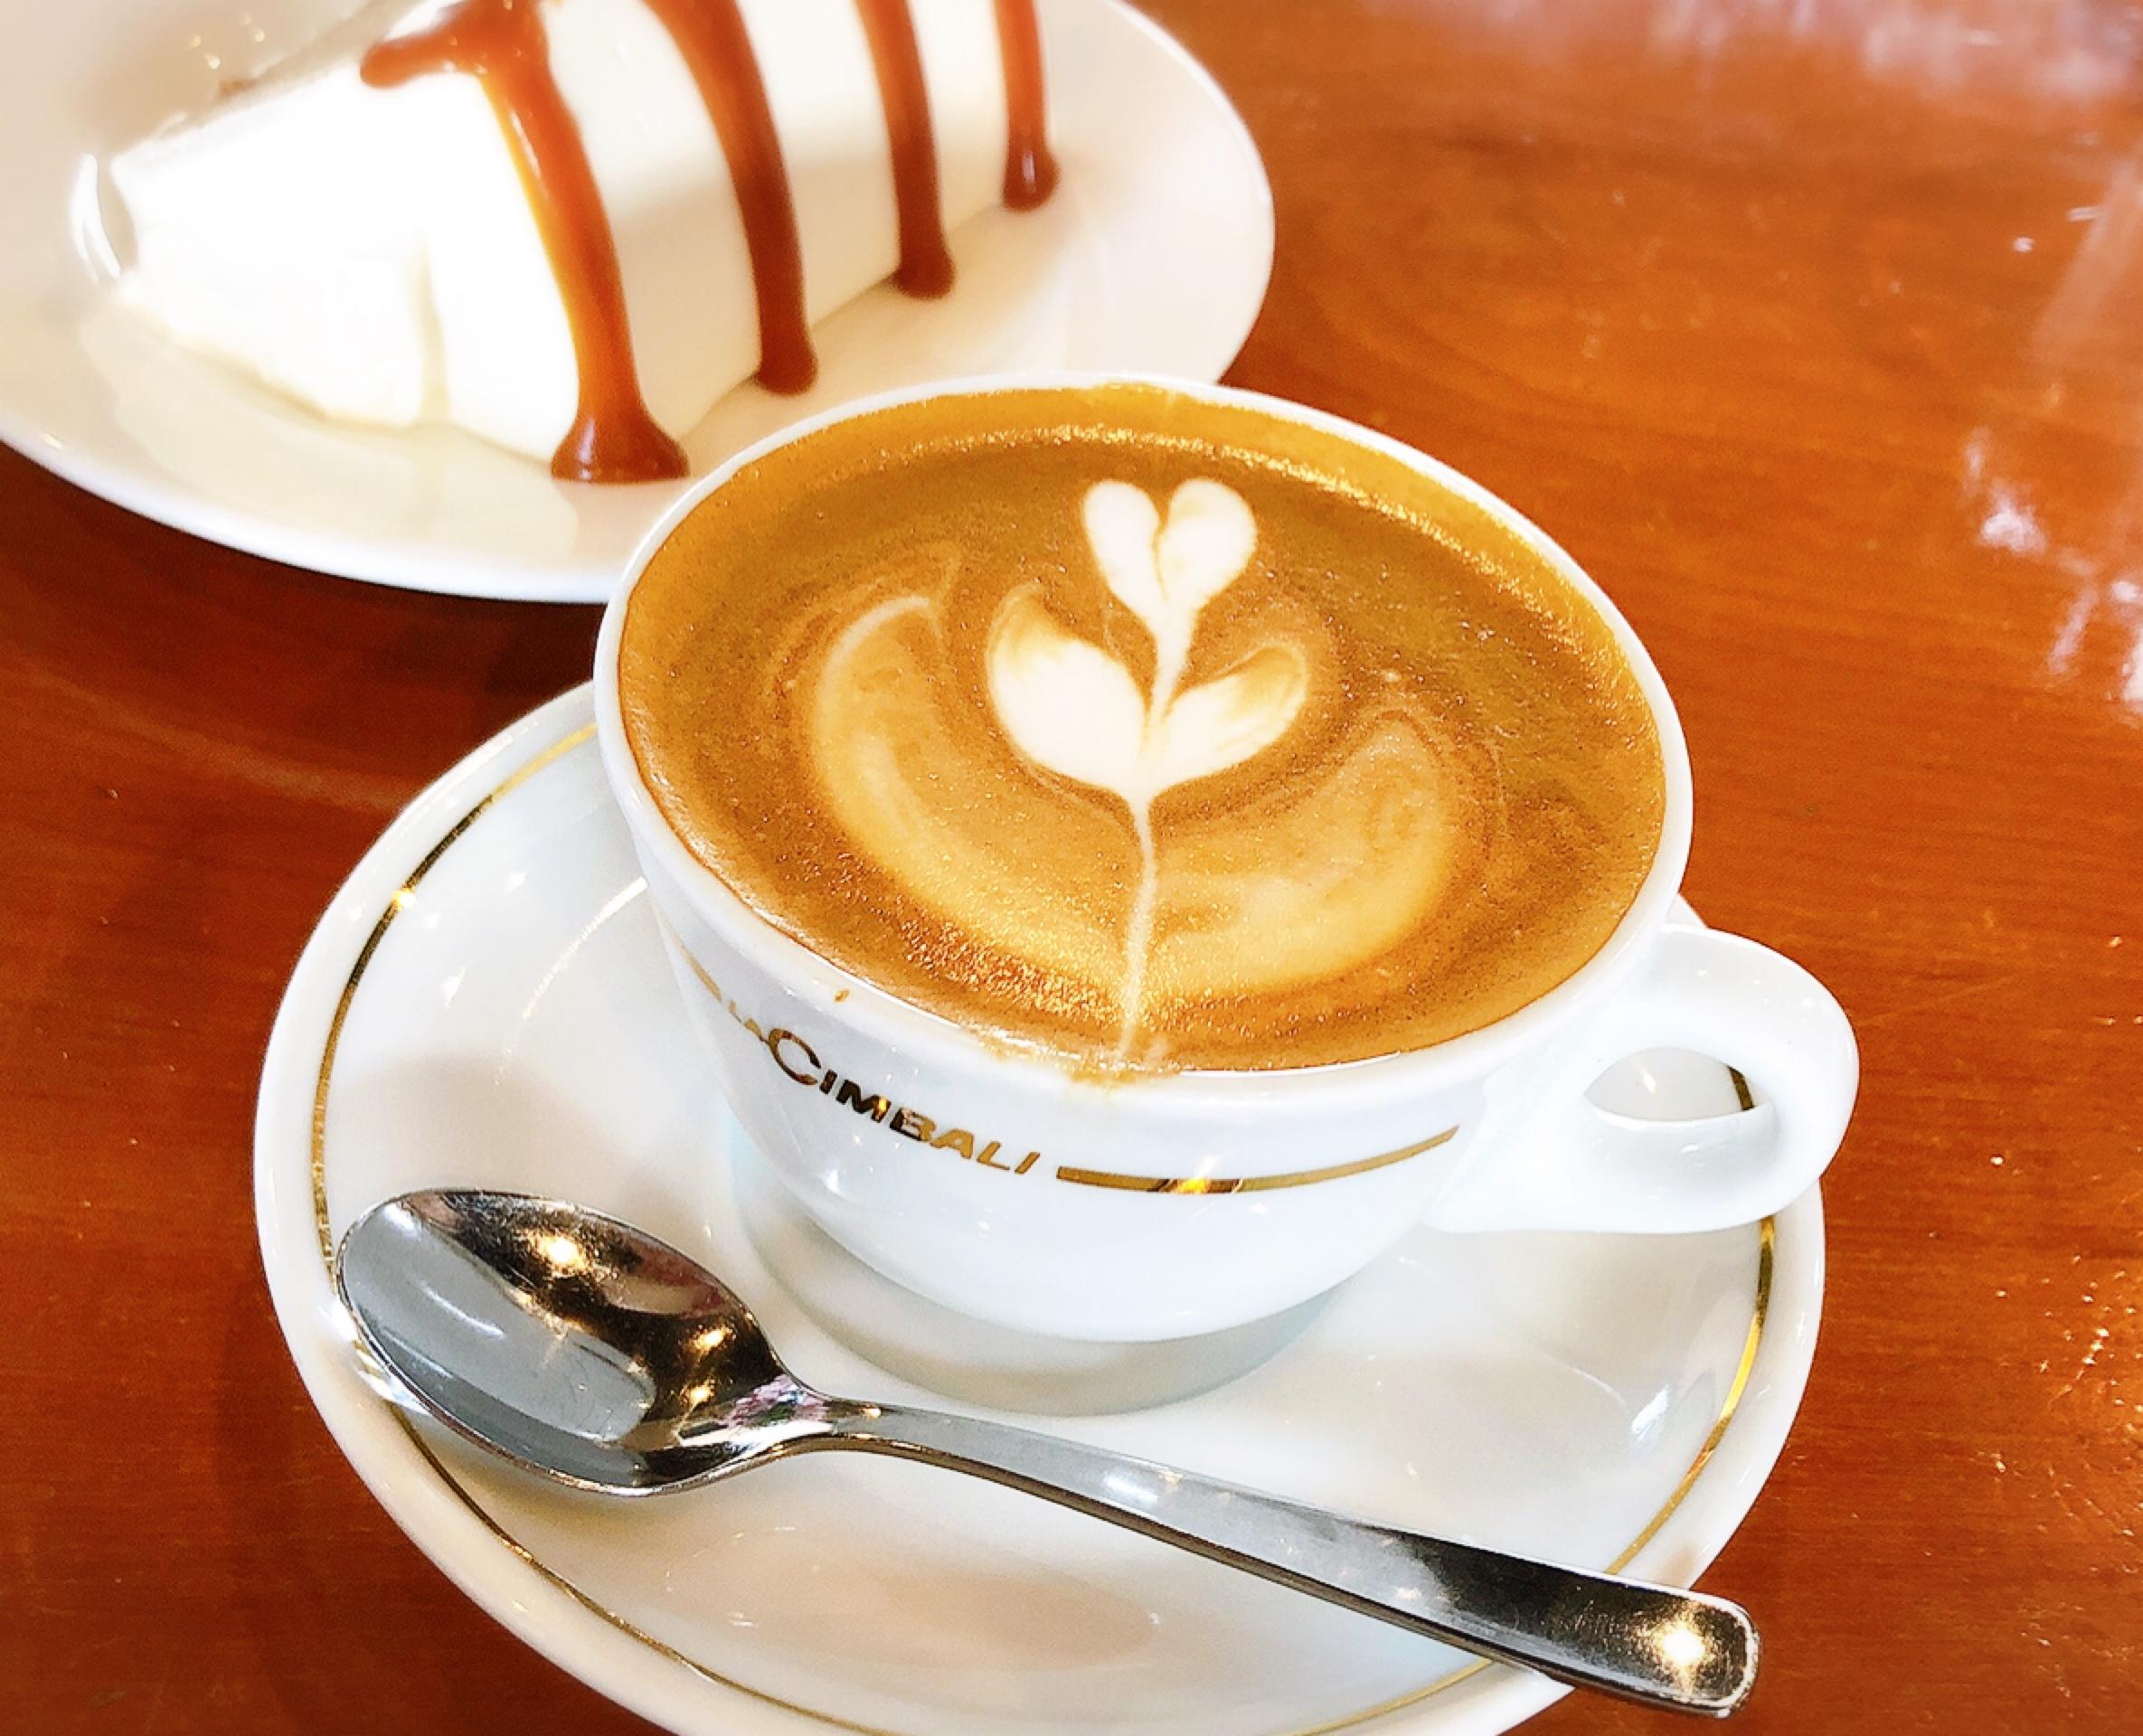 【#静岡カフェ】こだわり自家焙煎本格派コーヒーとふわふわ生キャラメルシフォンケーキが美味♡_8